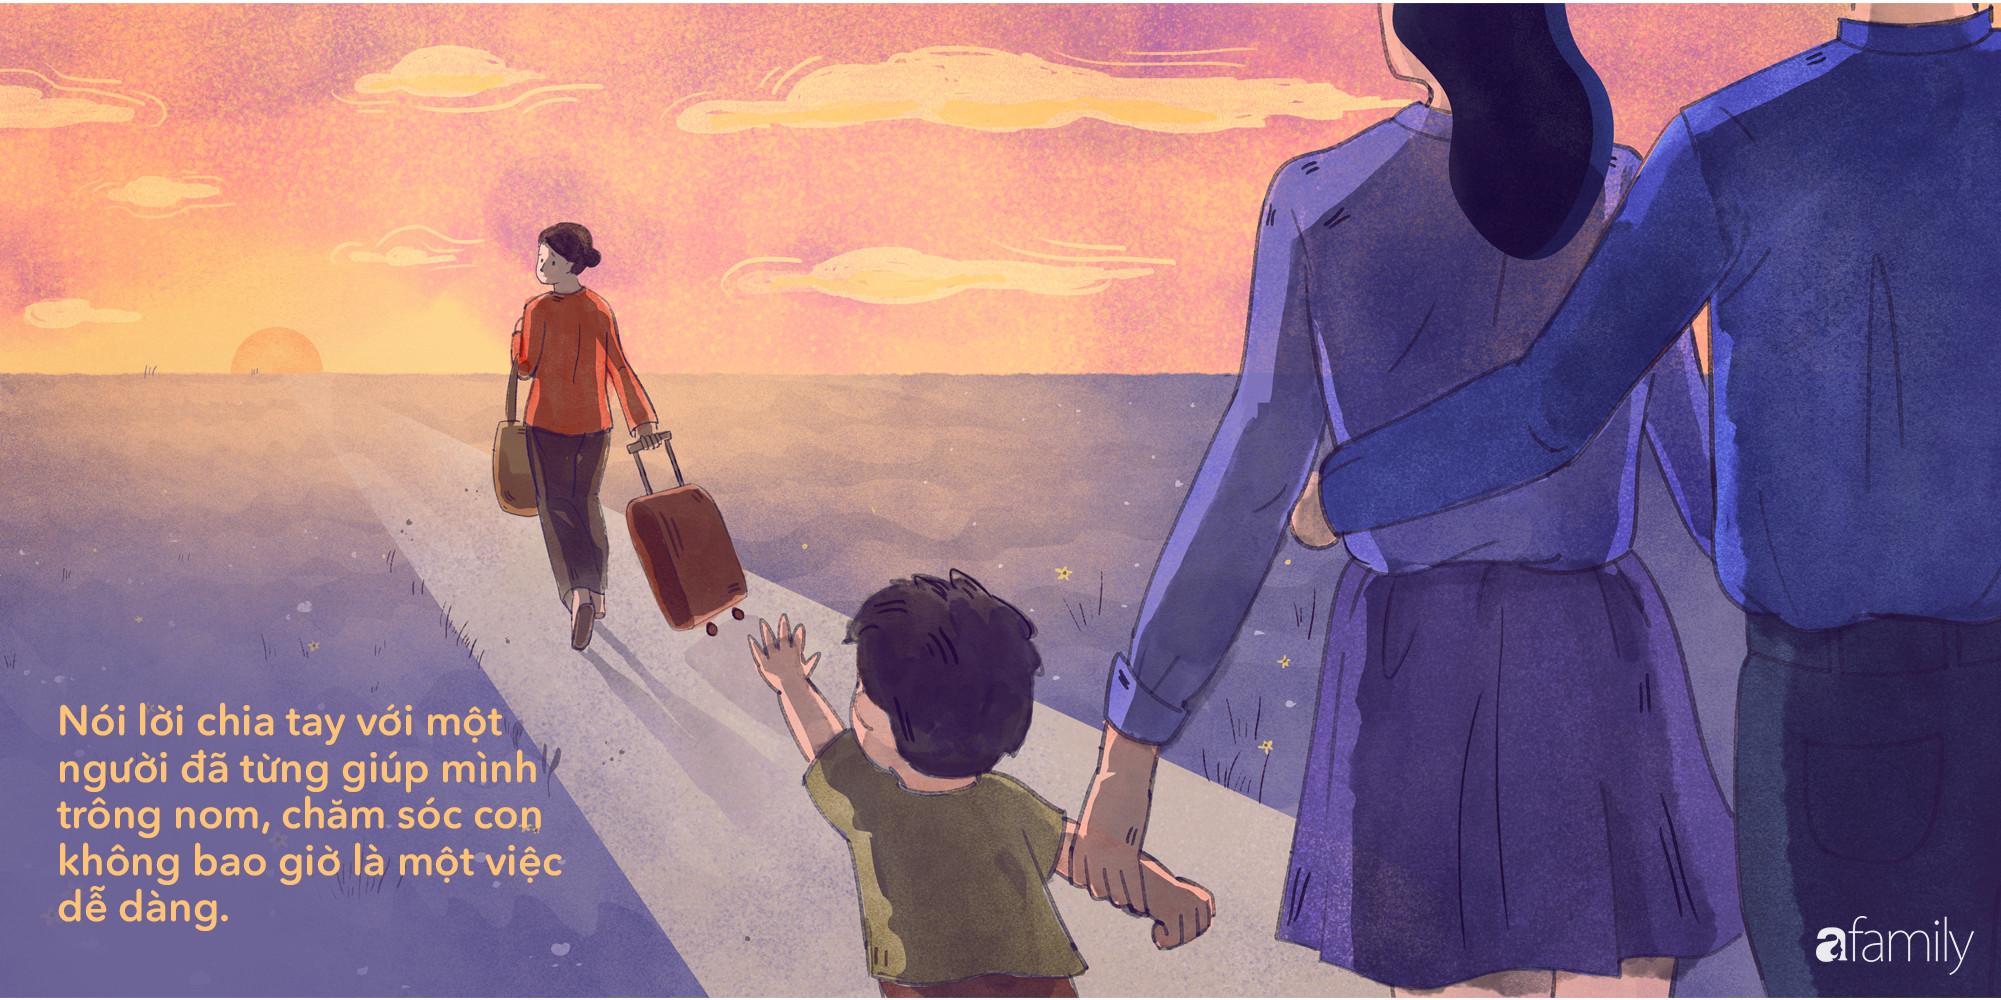 Con nhỏ, mẹ và người trông trẻ - Mối quan hệ tay ba... đầy phức tạp - Ảnh 10.